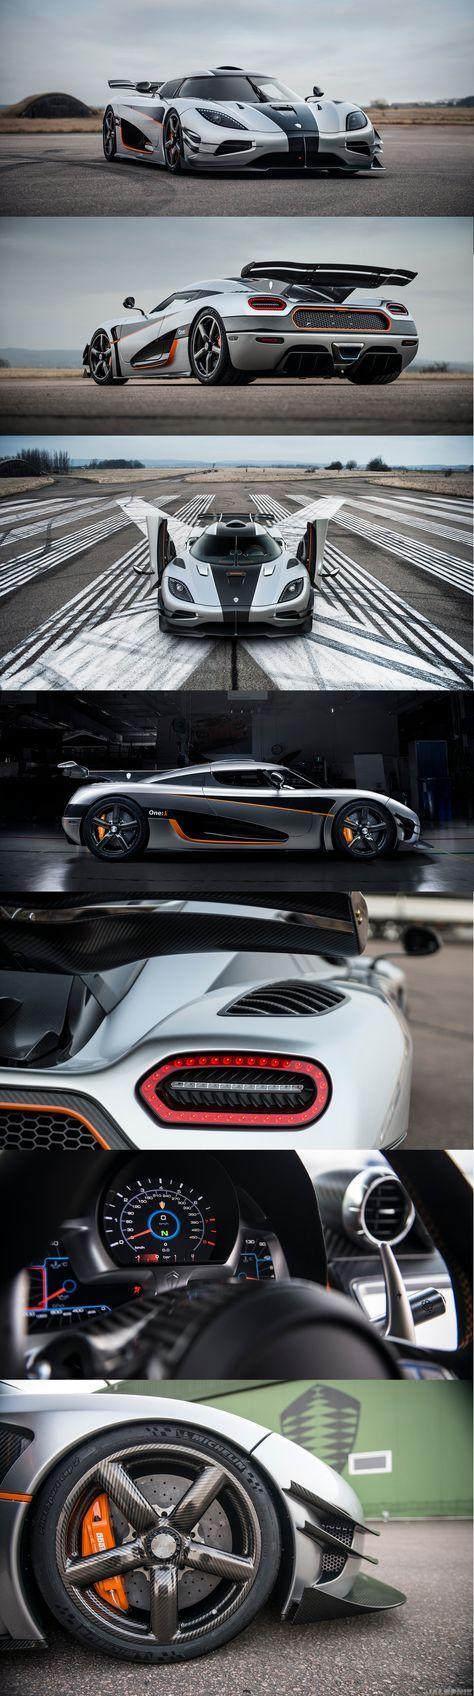 """El nuevo Koenigsegg One:1. El primer """"MEGACAR"""" en el mundo. Enlistado para destronar el Hennesey venom gt. con un record de 435 km/h. El one se modifico para alcanzar una maxima velocidad de 440 km/h. solo se fabricaron 6 de estos megacar's. Imaginen su precio. Tan increiblemente alto como su rendimiento!!"""